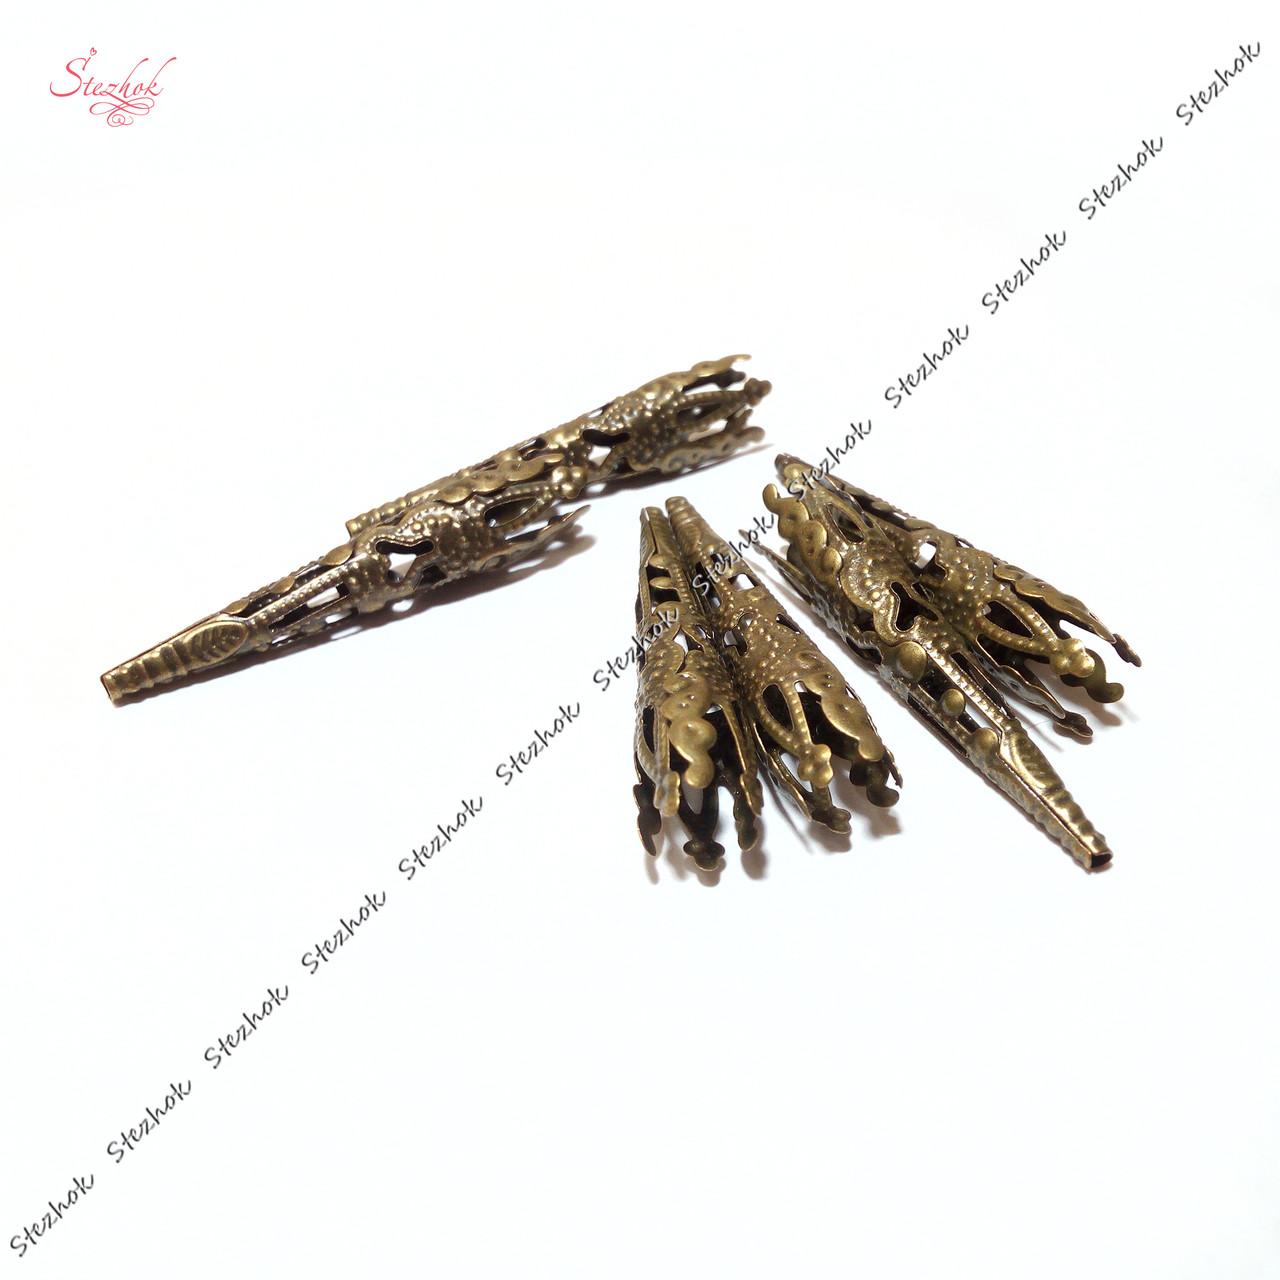 Филигранные конусы для бусин 41 мм для рукоделия цвет бронза